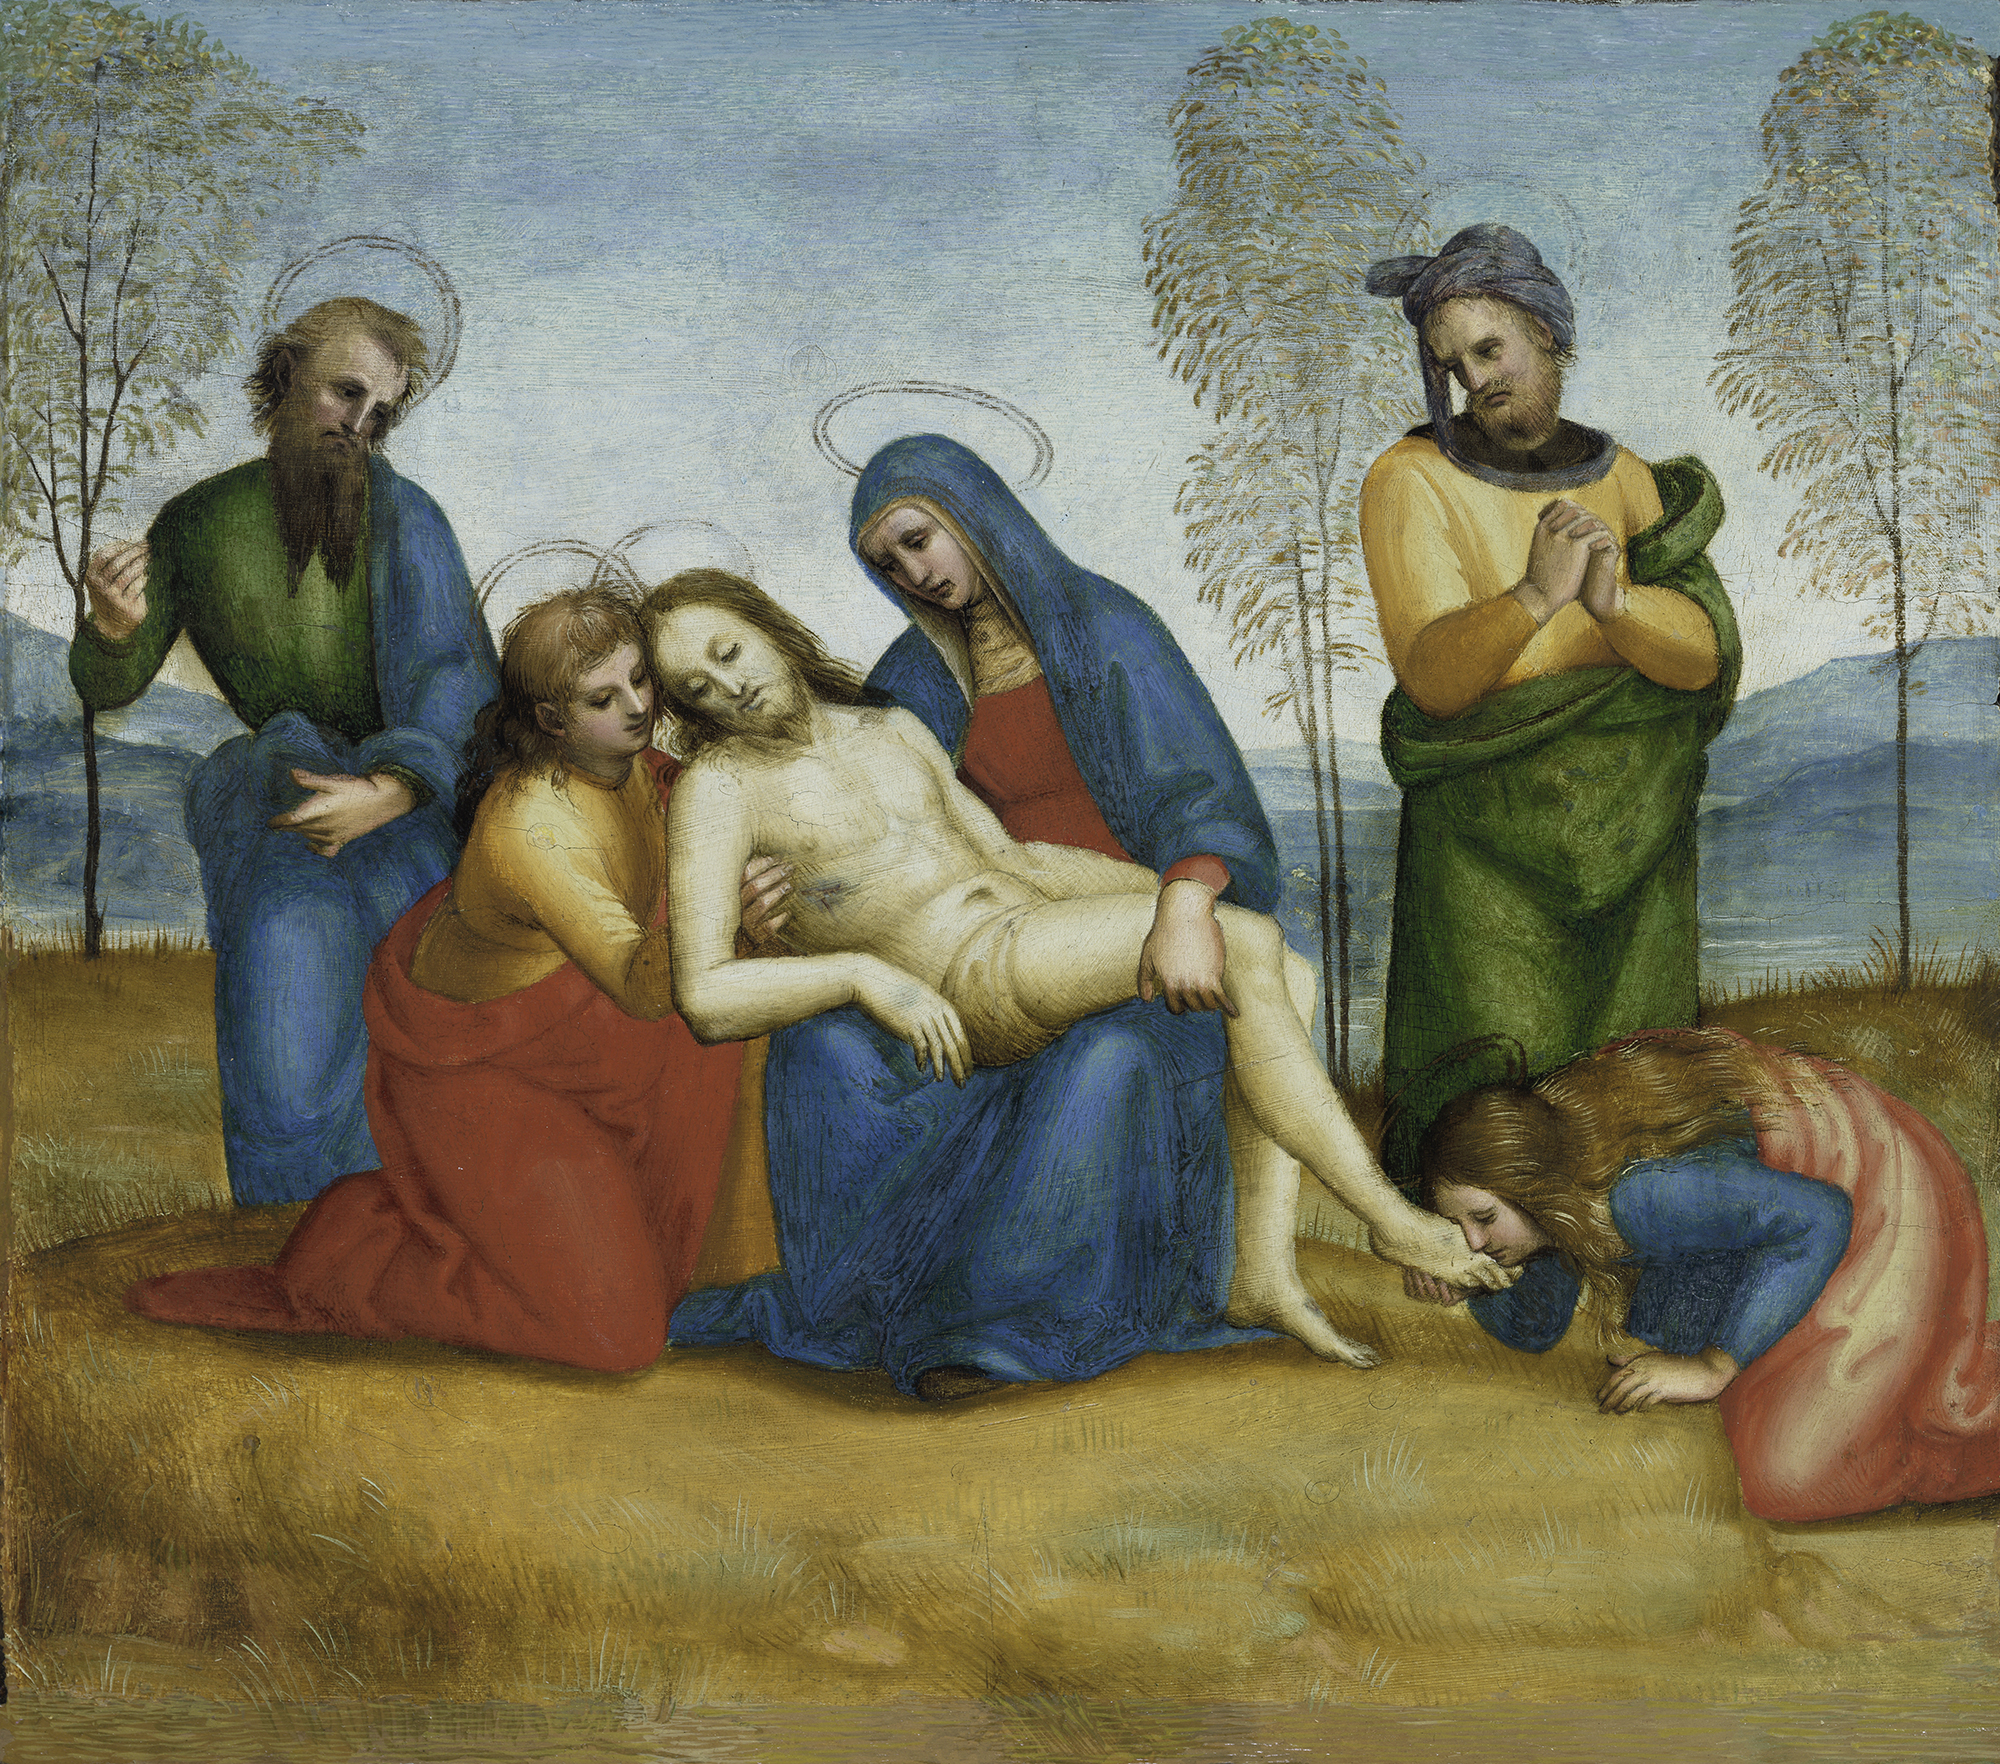 Rafaello Sanzio - Pietà, c. 1503-5